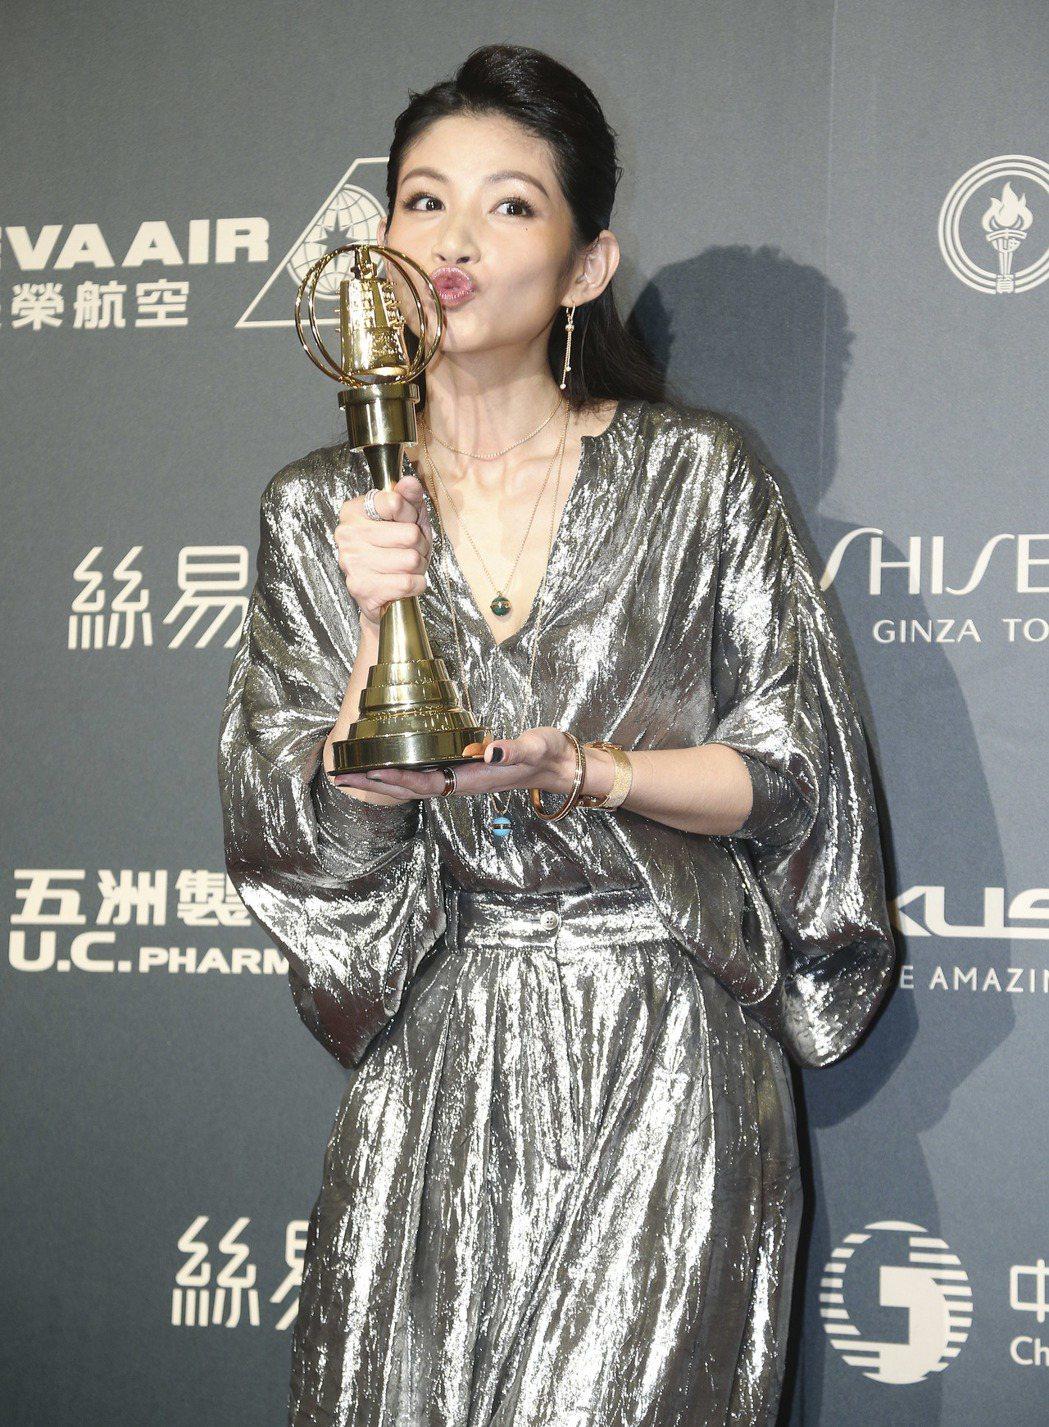 第52屆電視金鐘獎迷你劇集/電視電影女配角獎由李千娜獲得。記者黃威彬/攝影